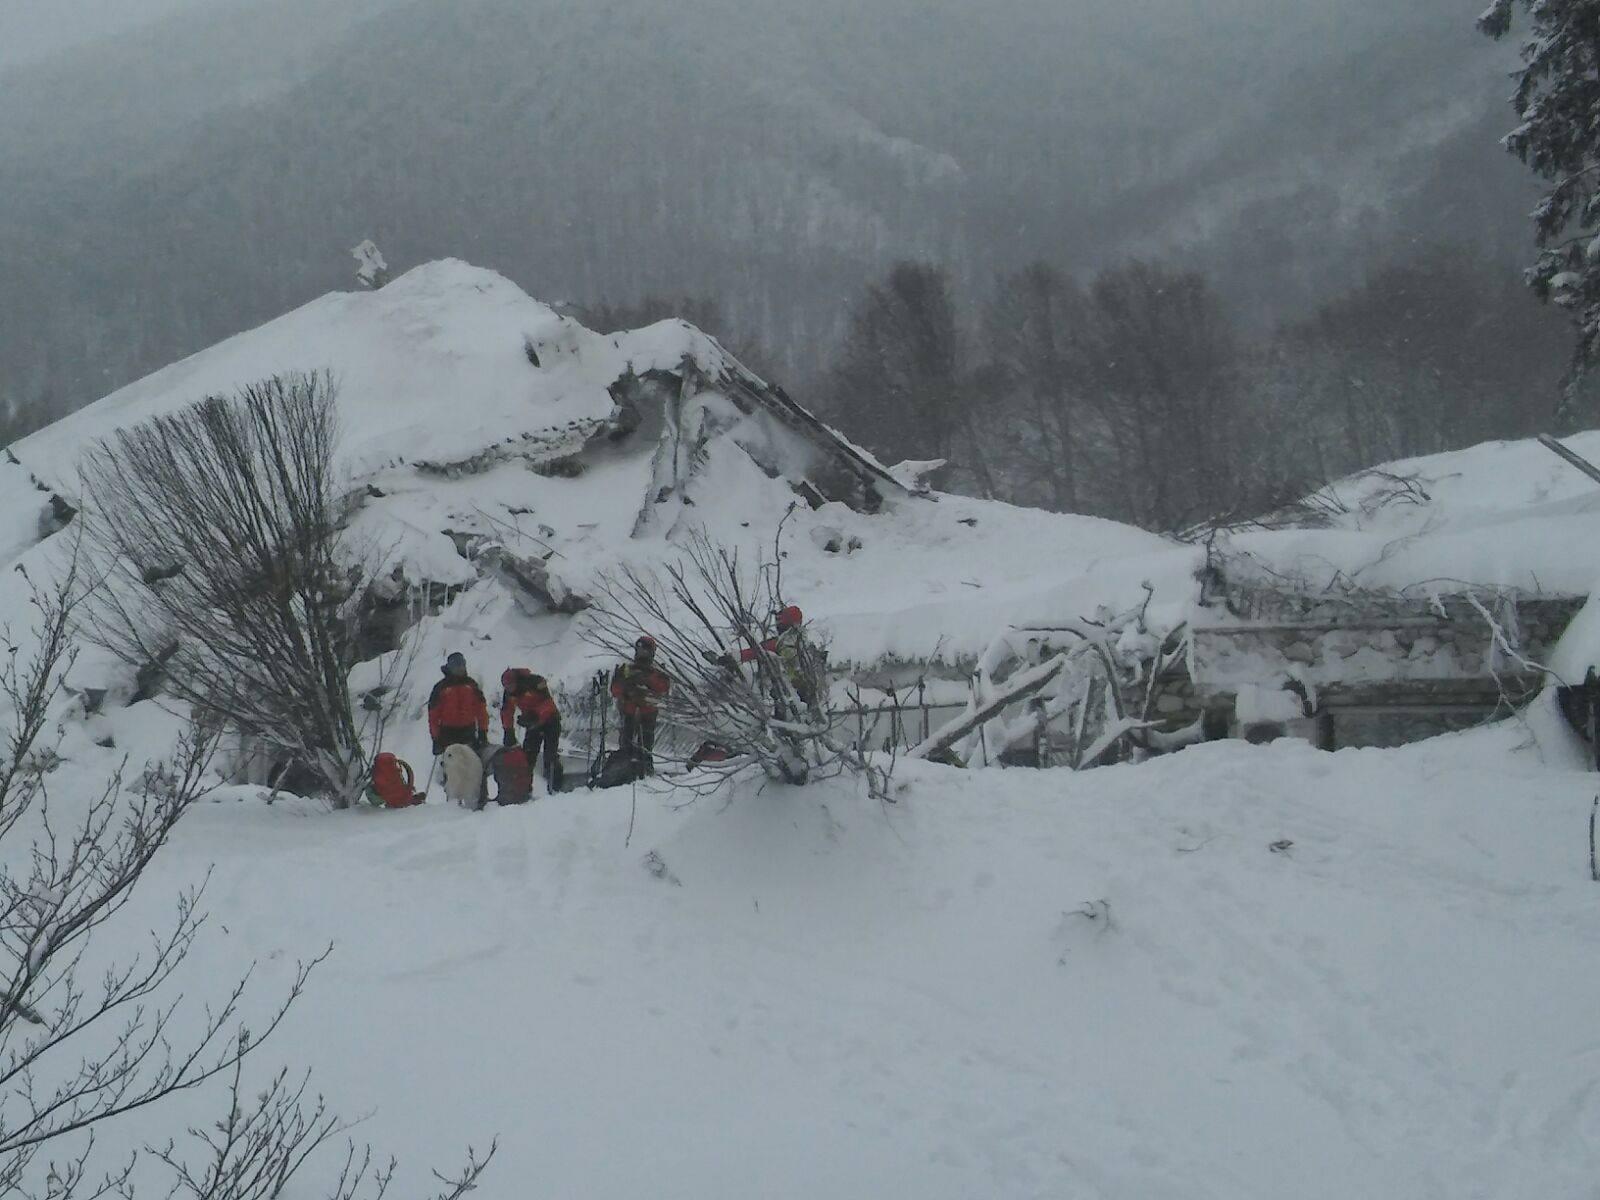 Emergenza Neve e Terremoto: 2 sopravvissuti, estratto il primo corpo | Emergency Live 7